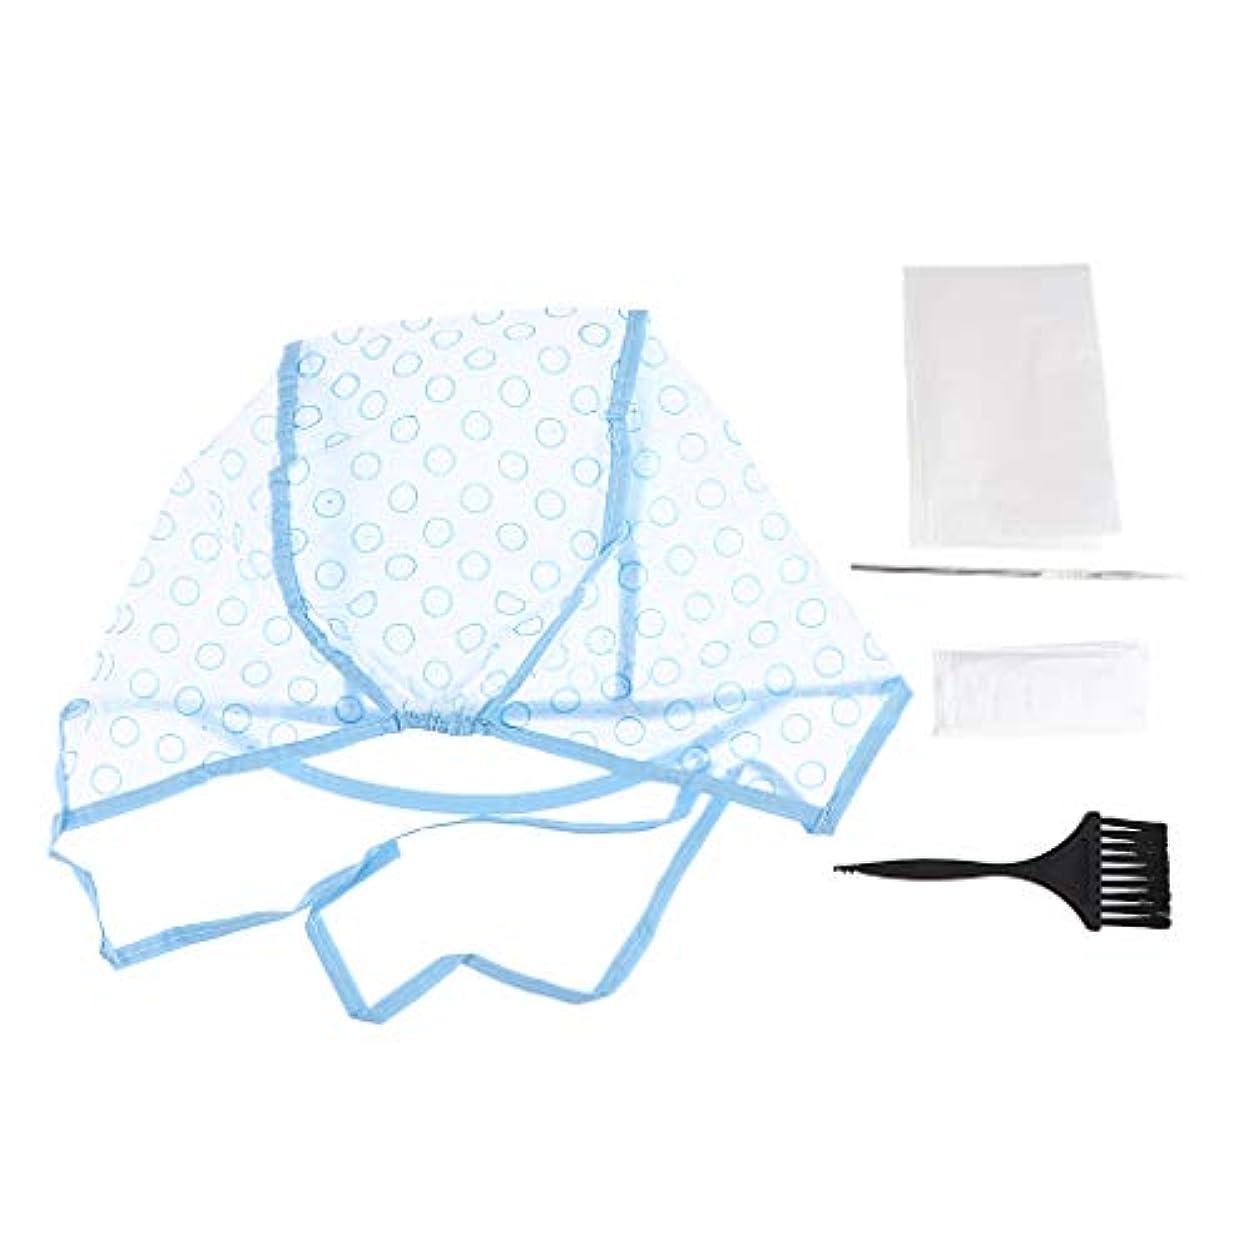 説得力のある取り組む座標使い捨ての髪の着色キット、髪の色合いツールブラシフック強調キャップ手袋とケープセット